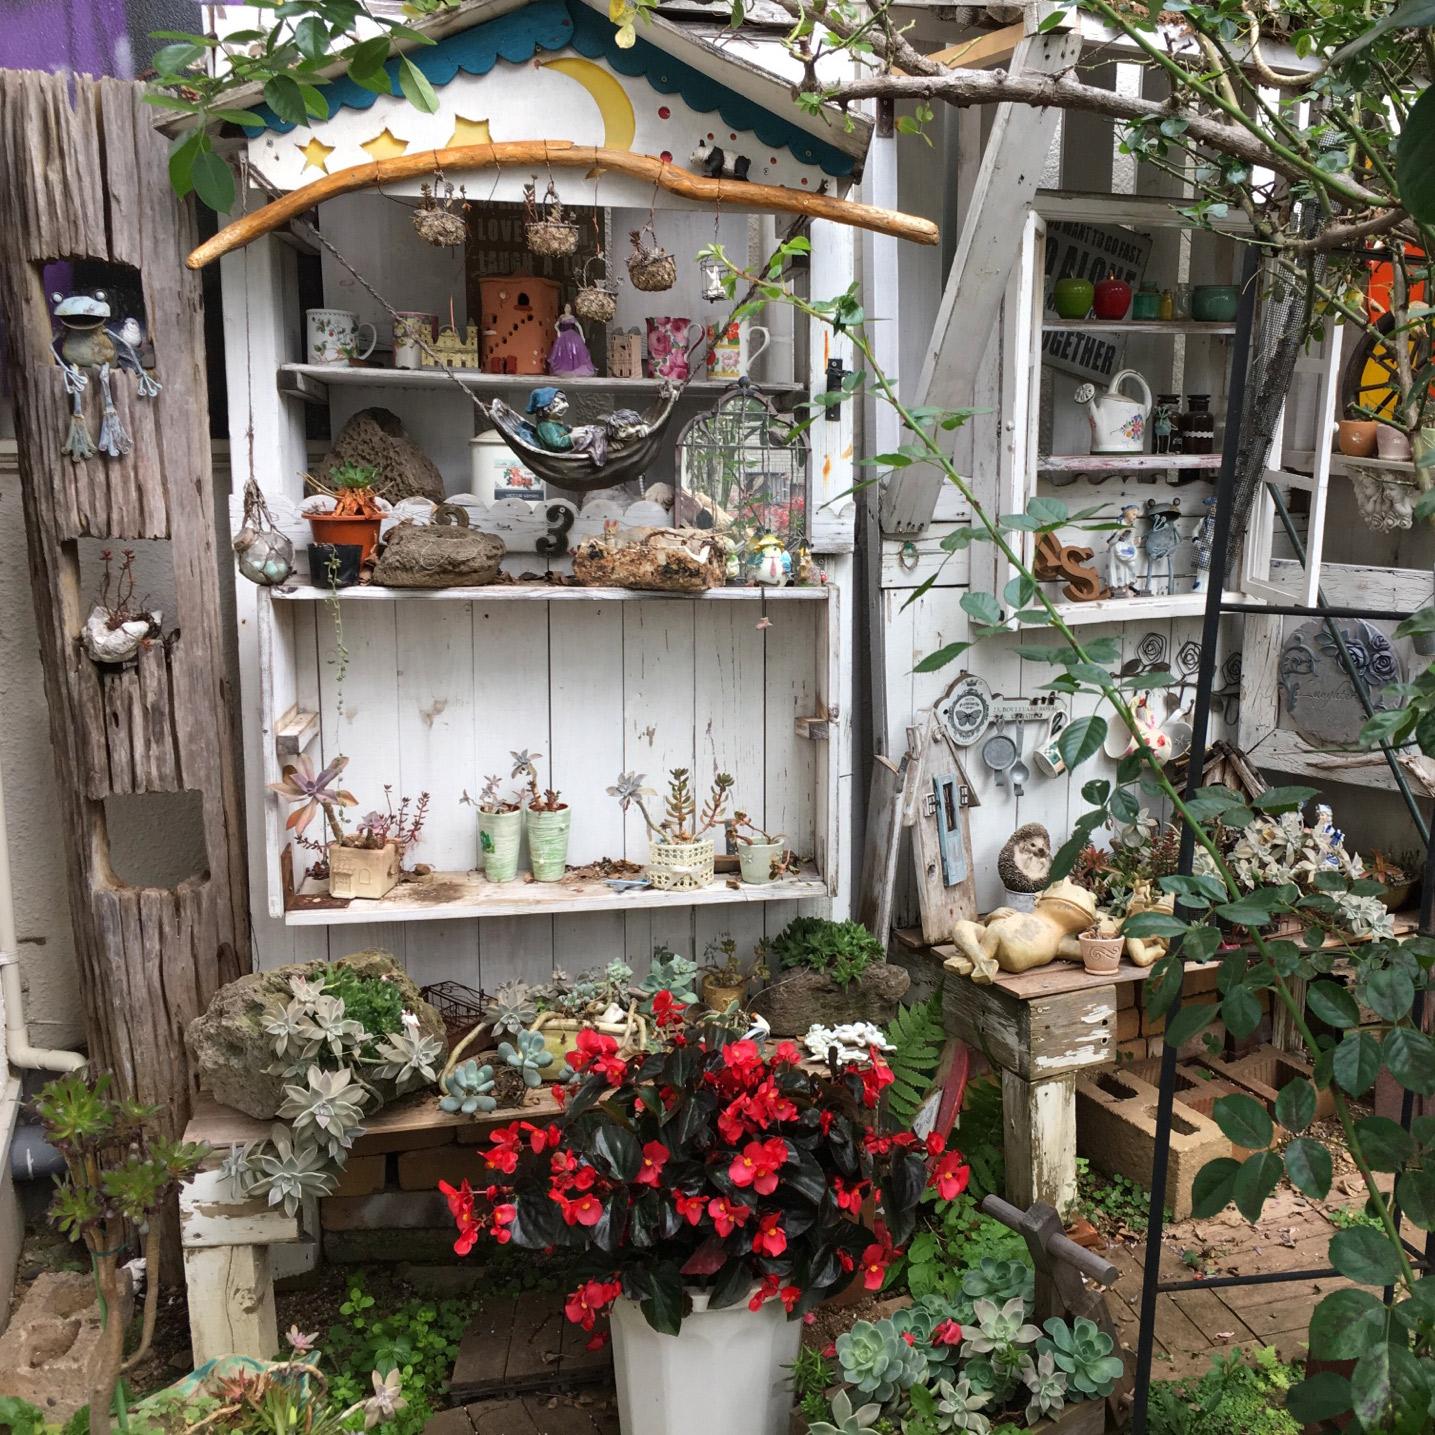 可愛い置物がいっぱいの庭